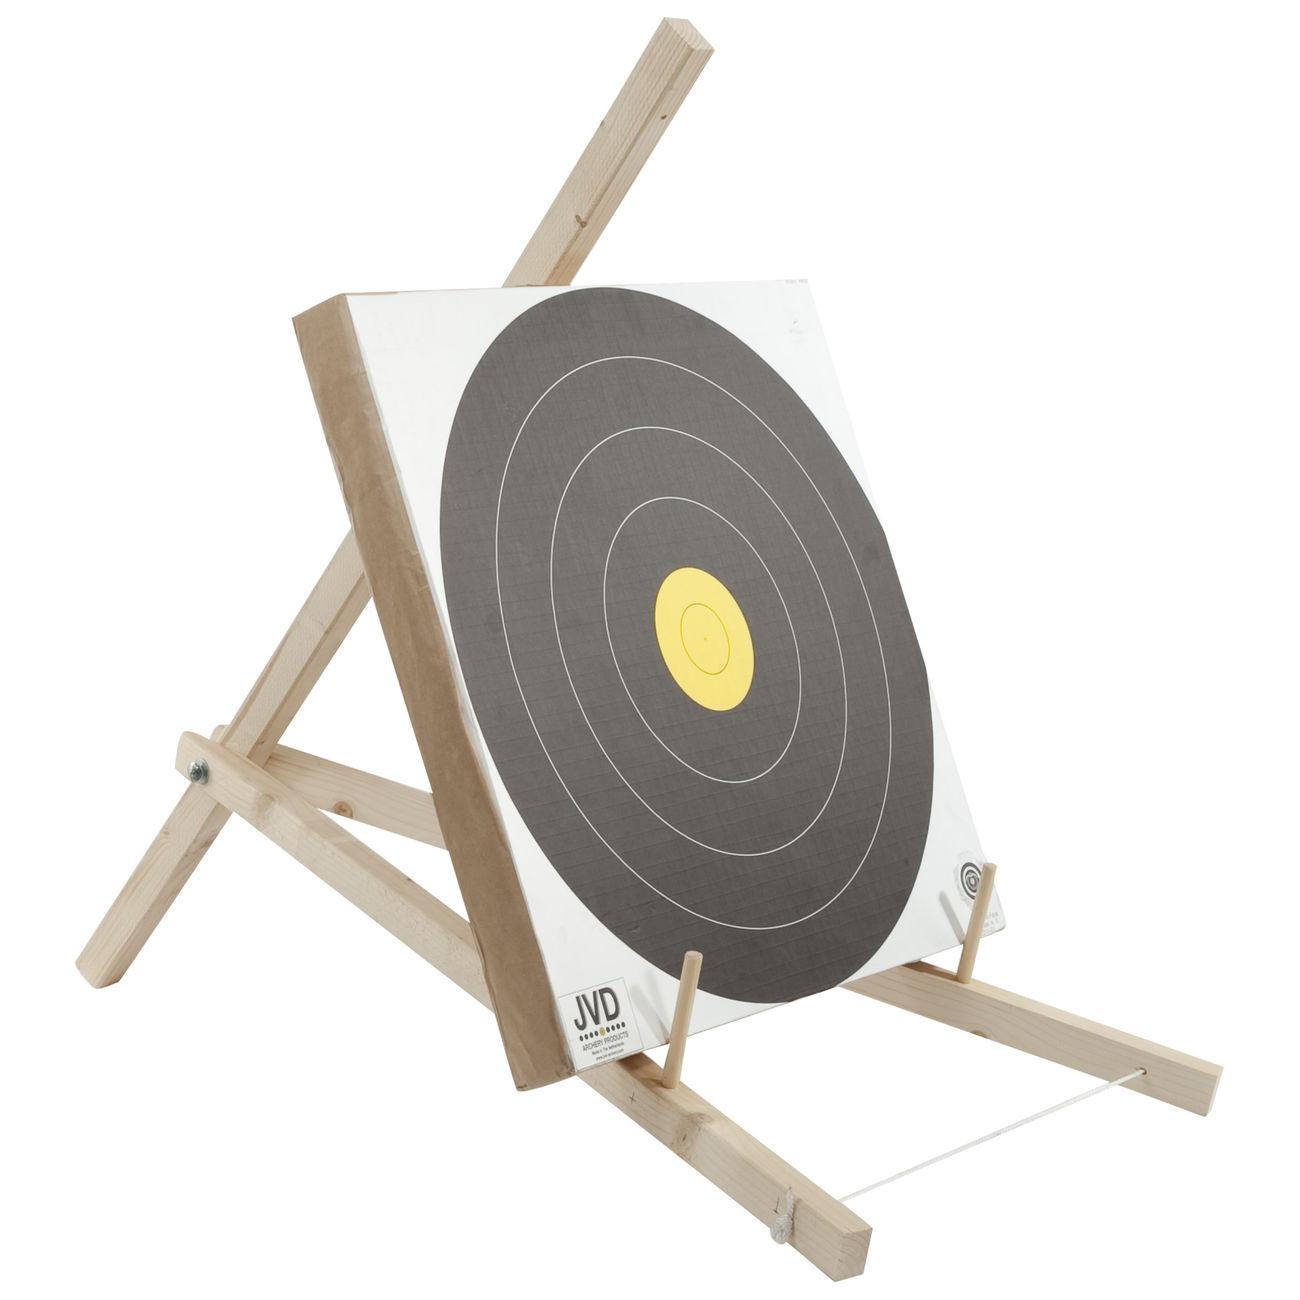 60 Lbs. Zielscheibe ca 80x80cm für Bogen bis ca